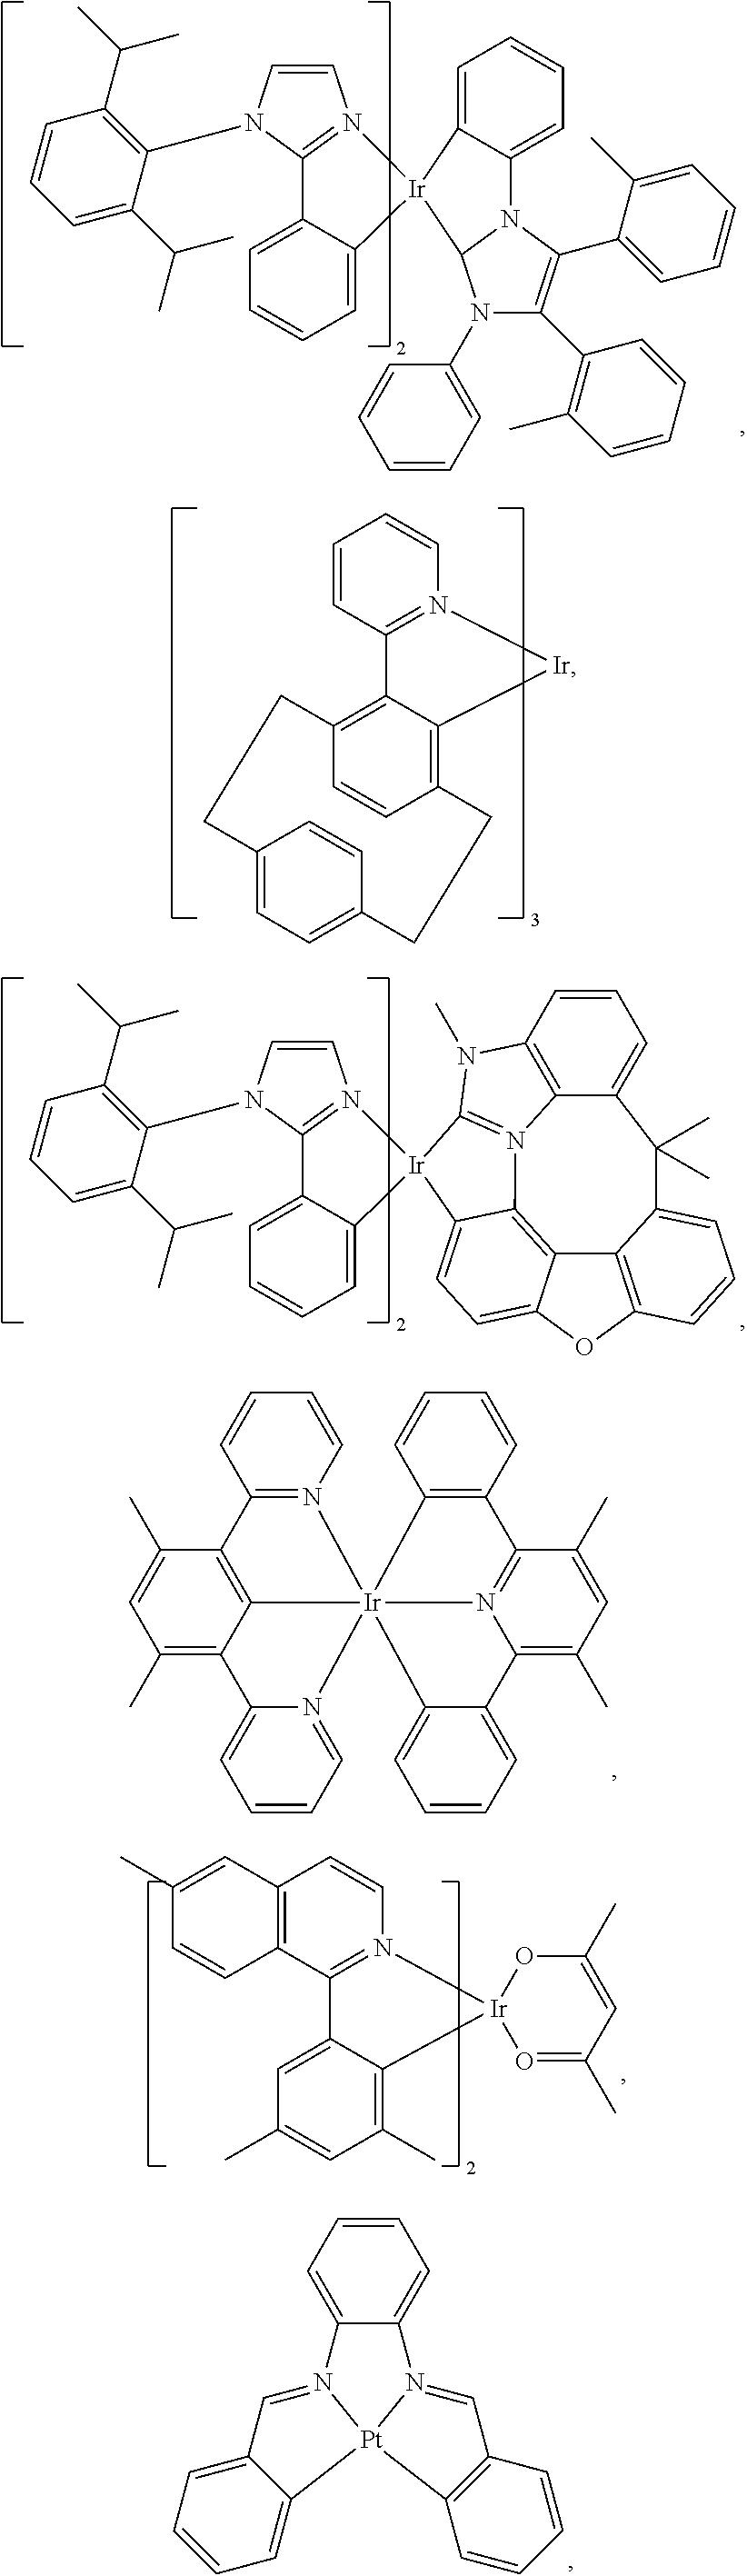 Figure US20180130962A1-20180510-C00190